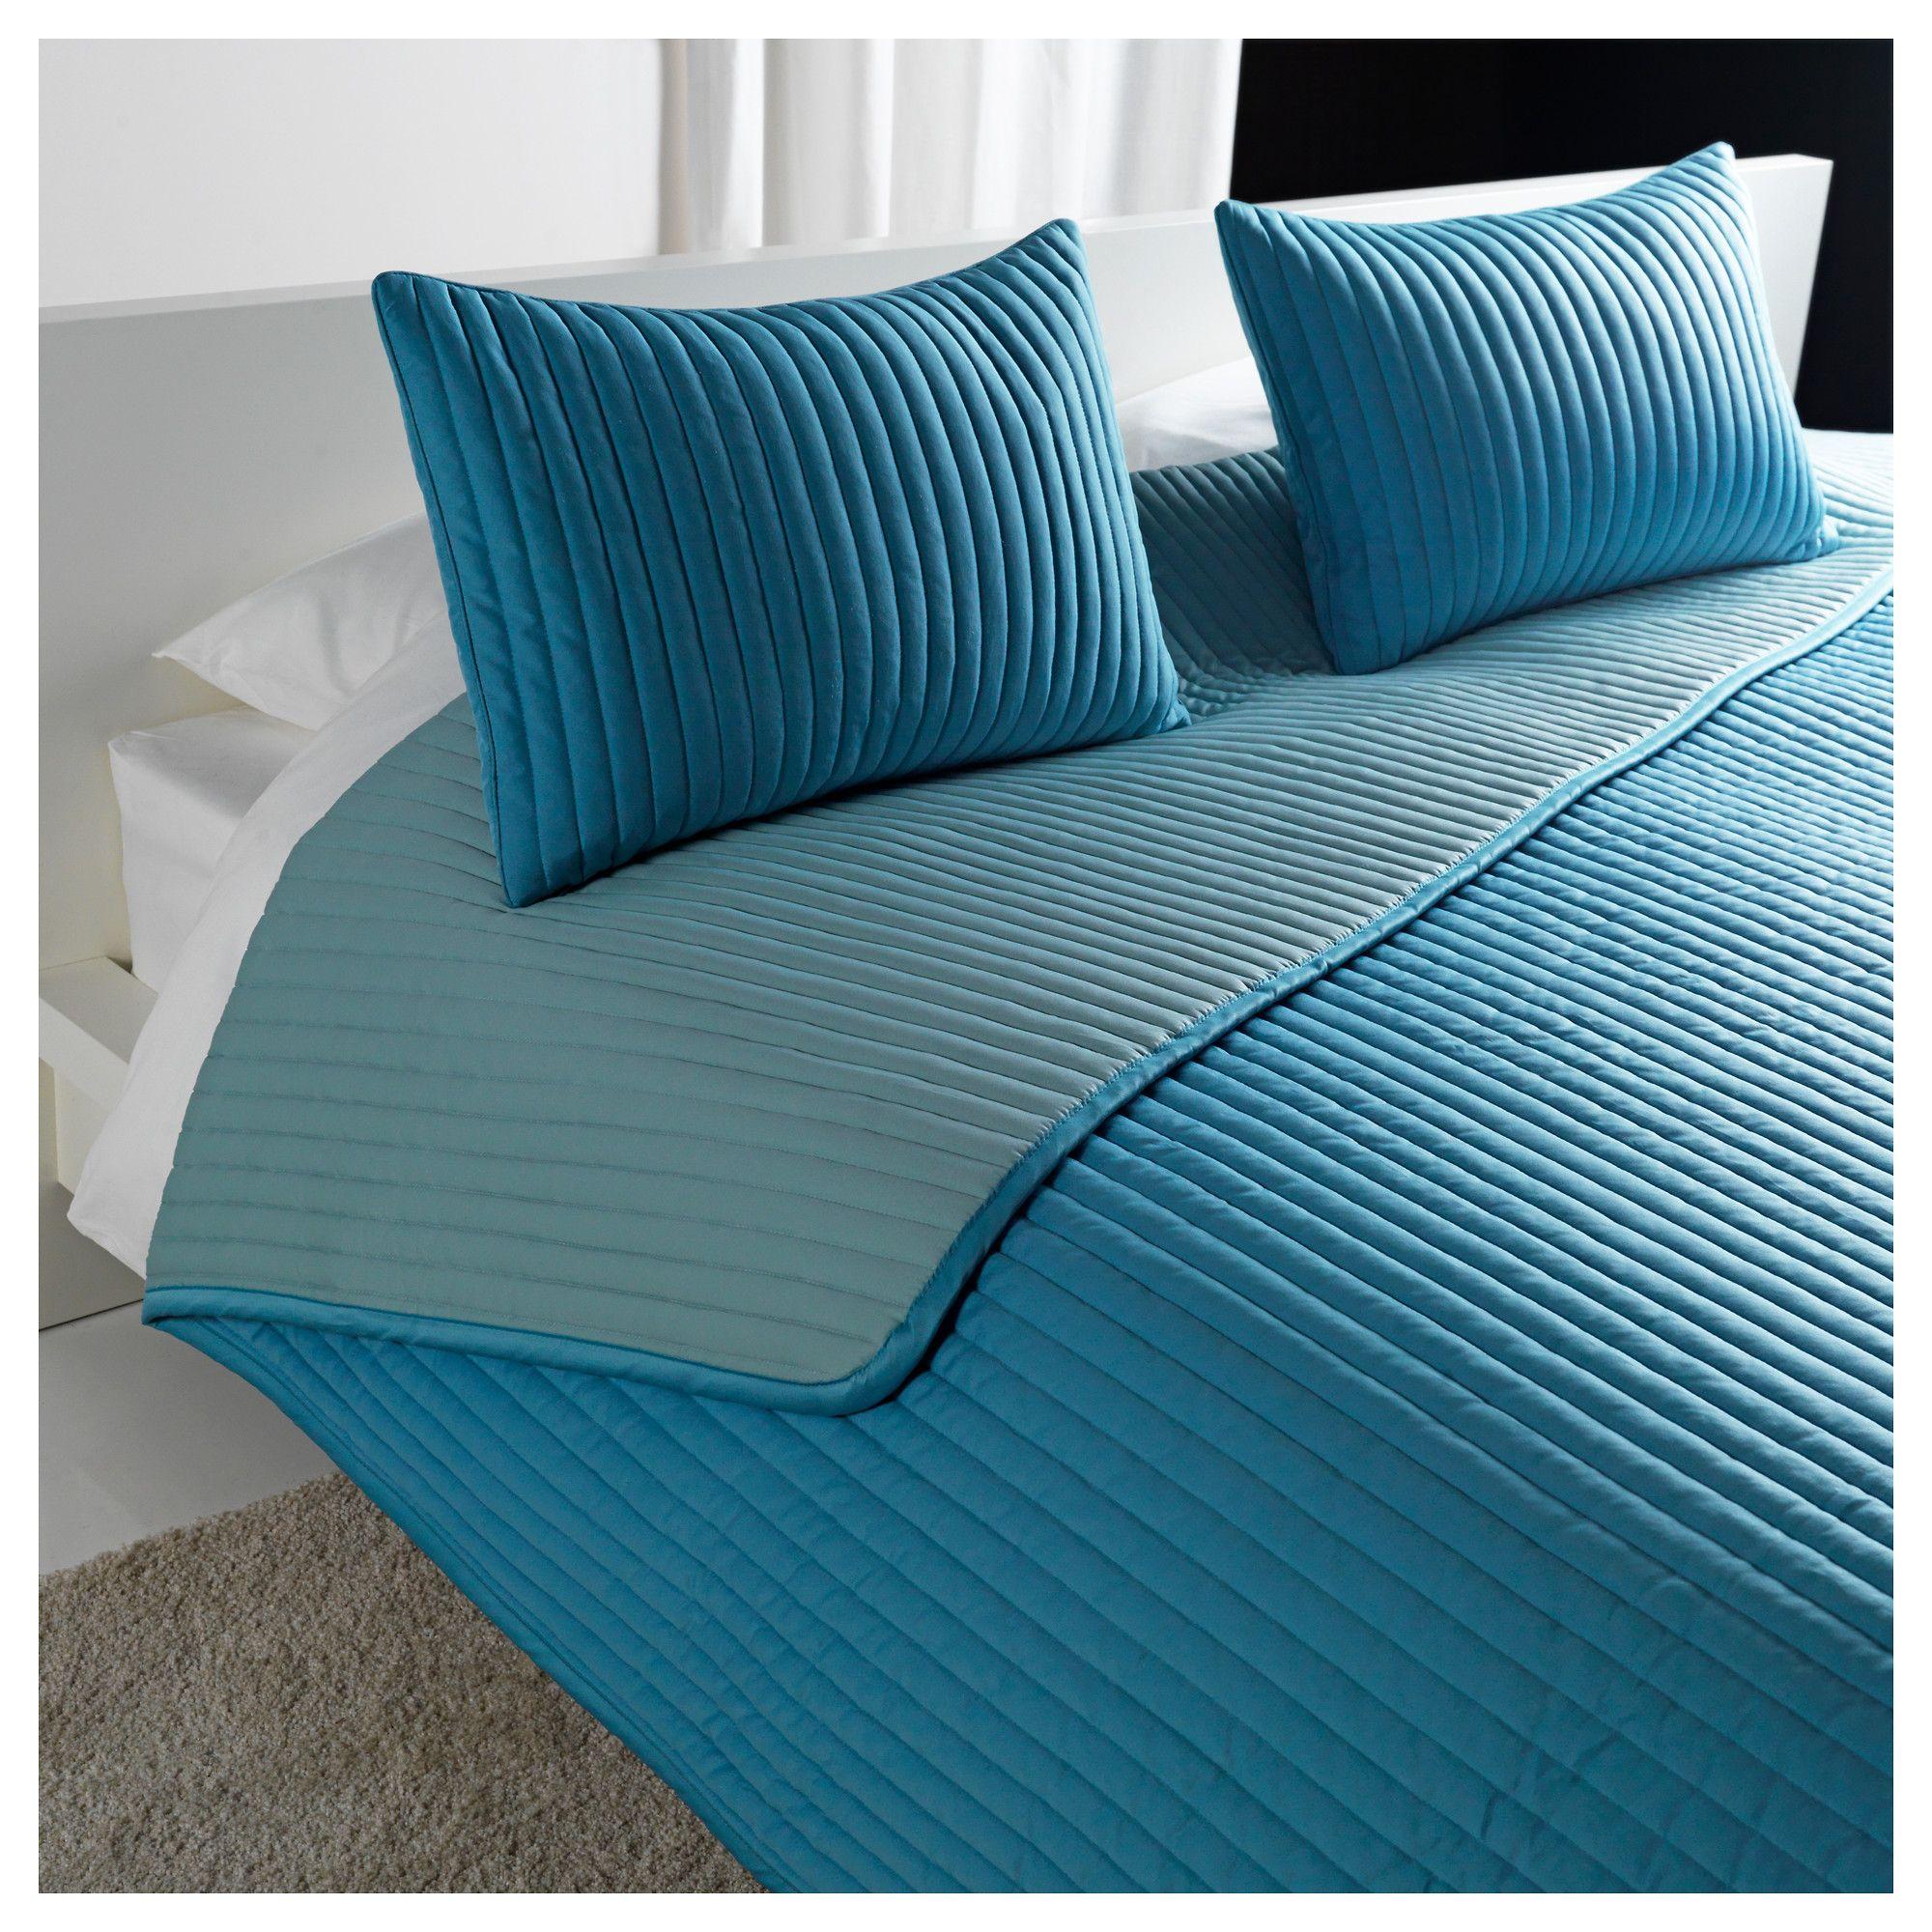 ikea couvre lit turquoise KARIT Couvre lit et 2 housses coussin   Grand deux places/TG deux  ikea couvre lit turquoise